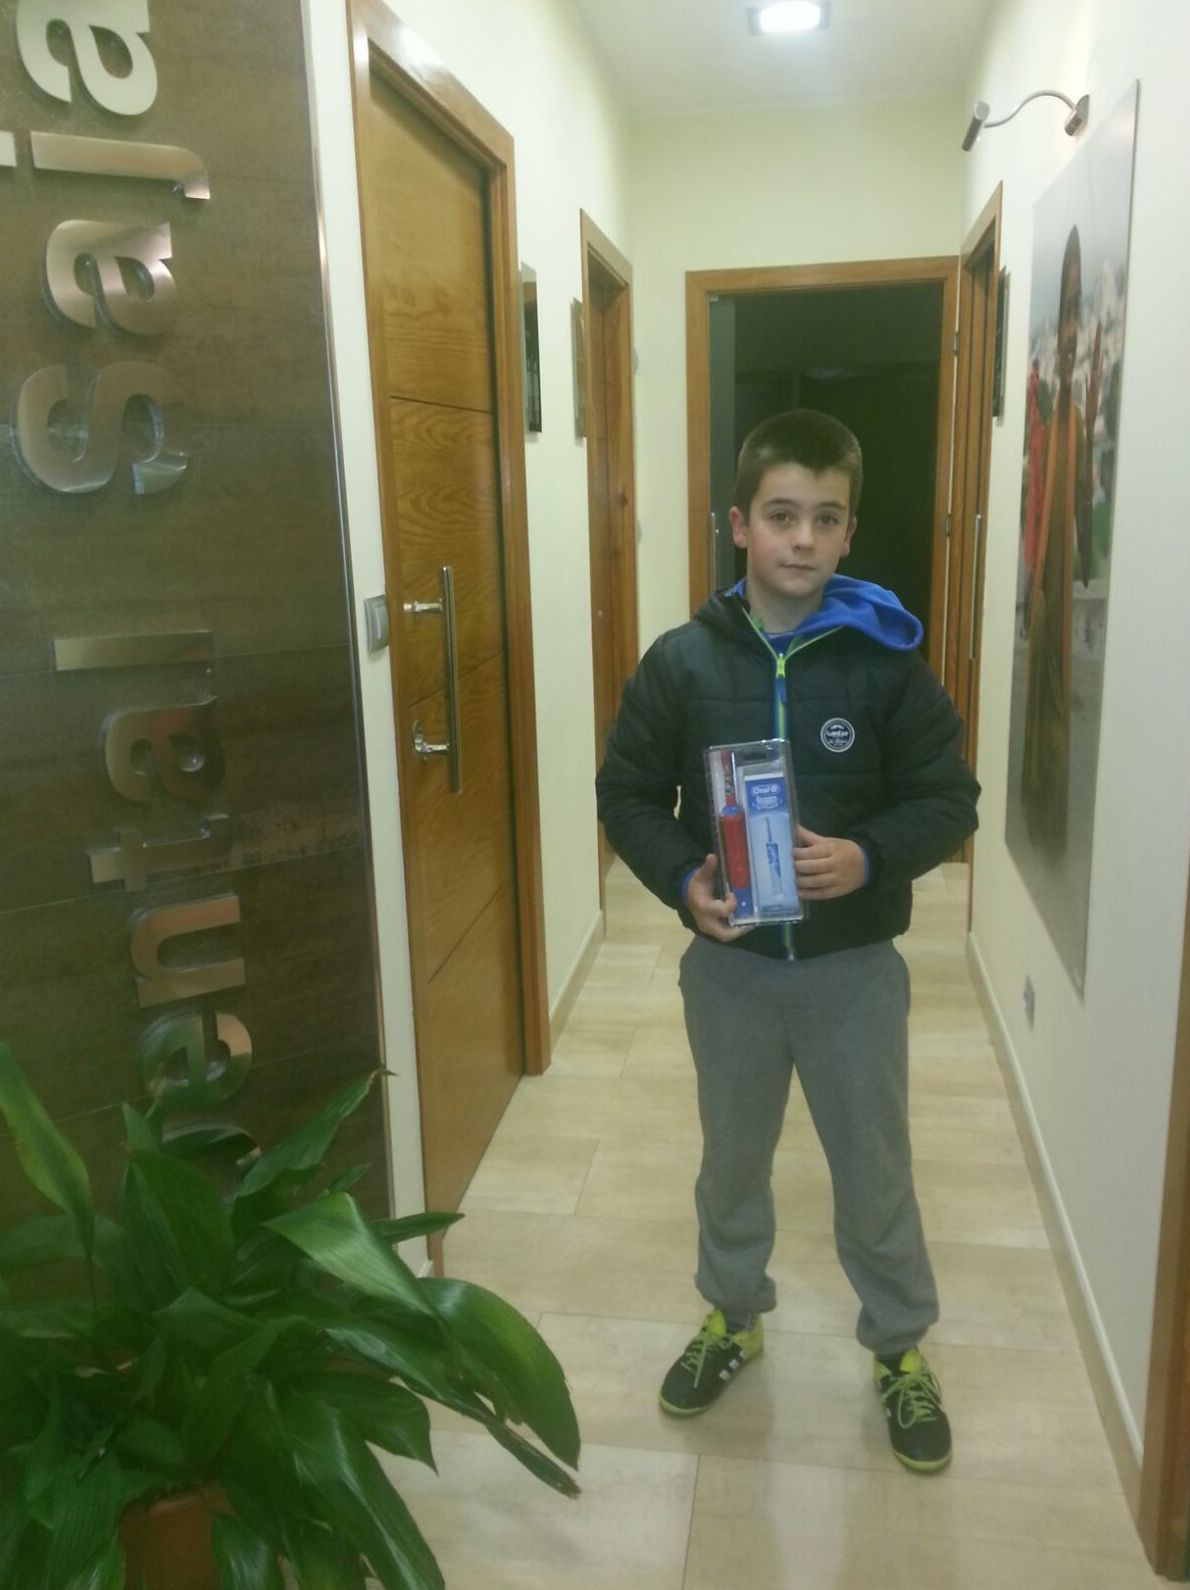 Ganador del concurso de un cepillo eléctrico en el concurso navideño Iker Celis